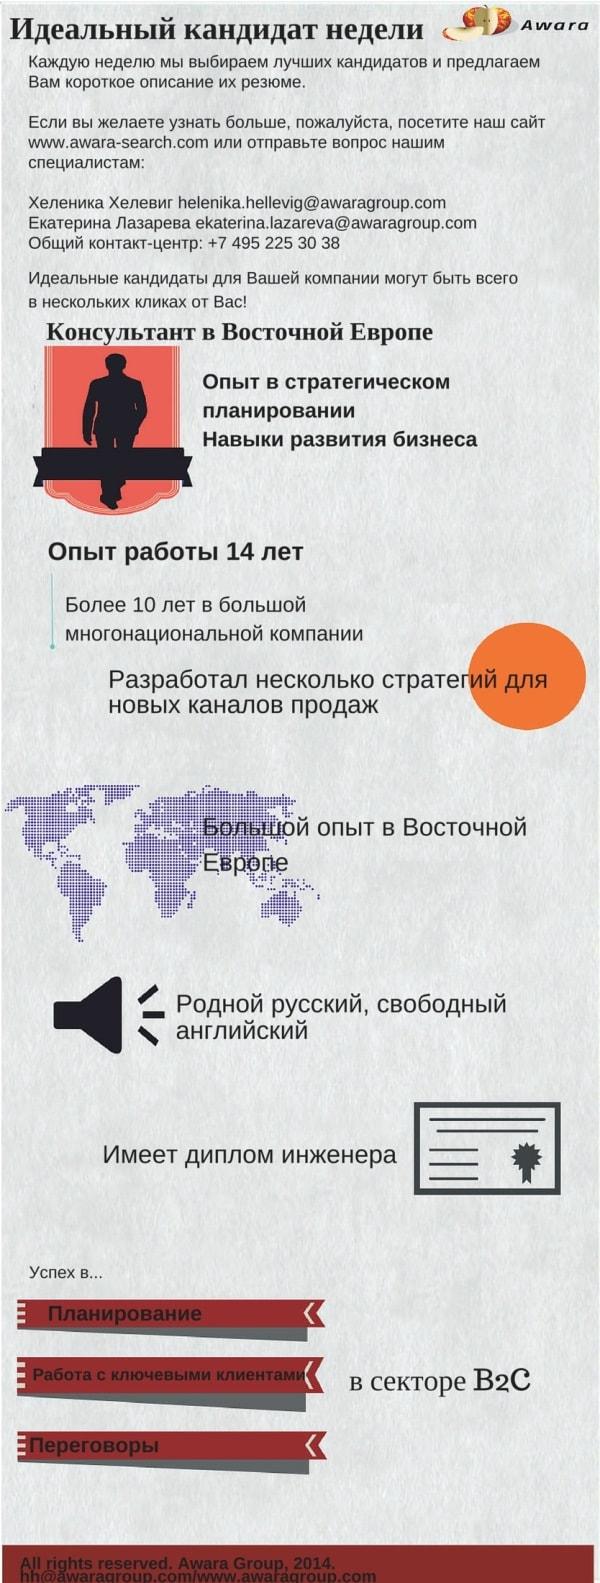 consultant-rus-min